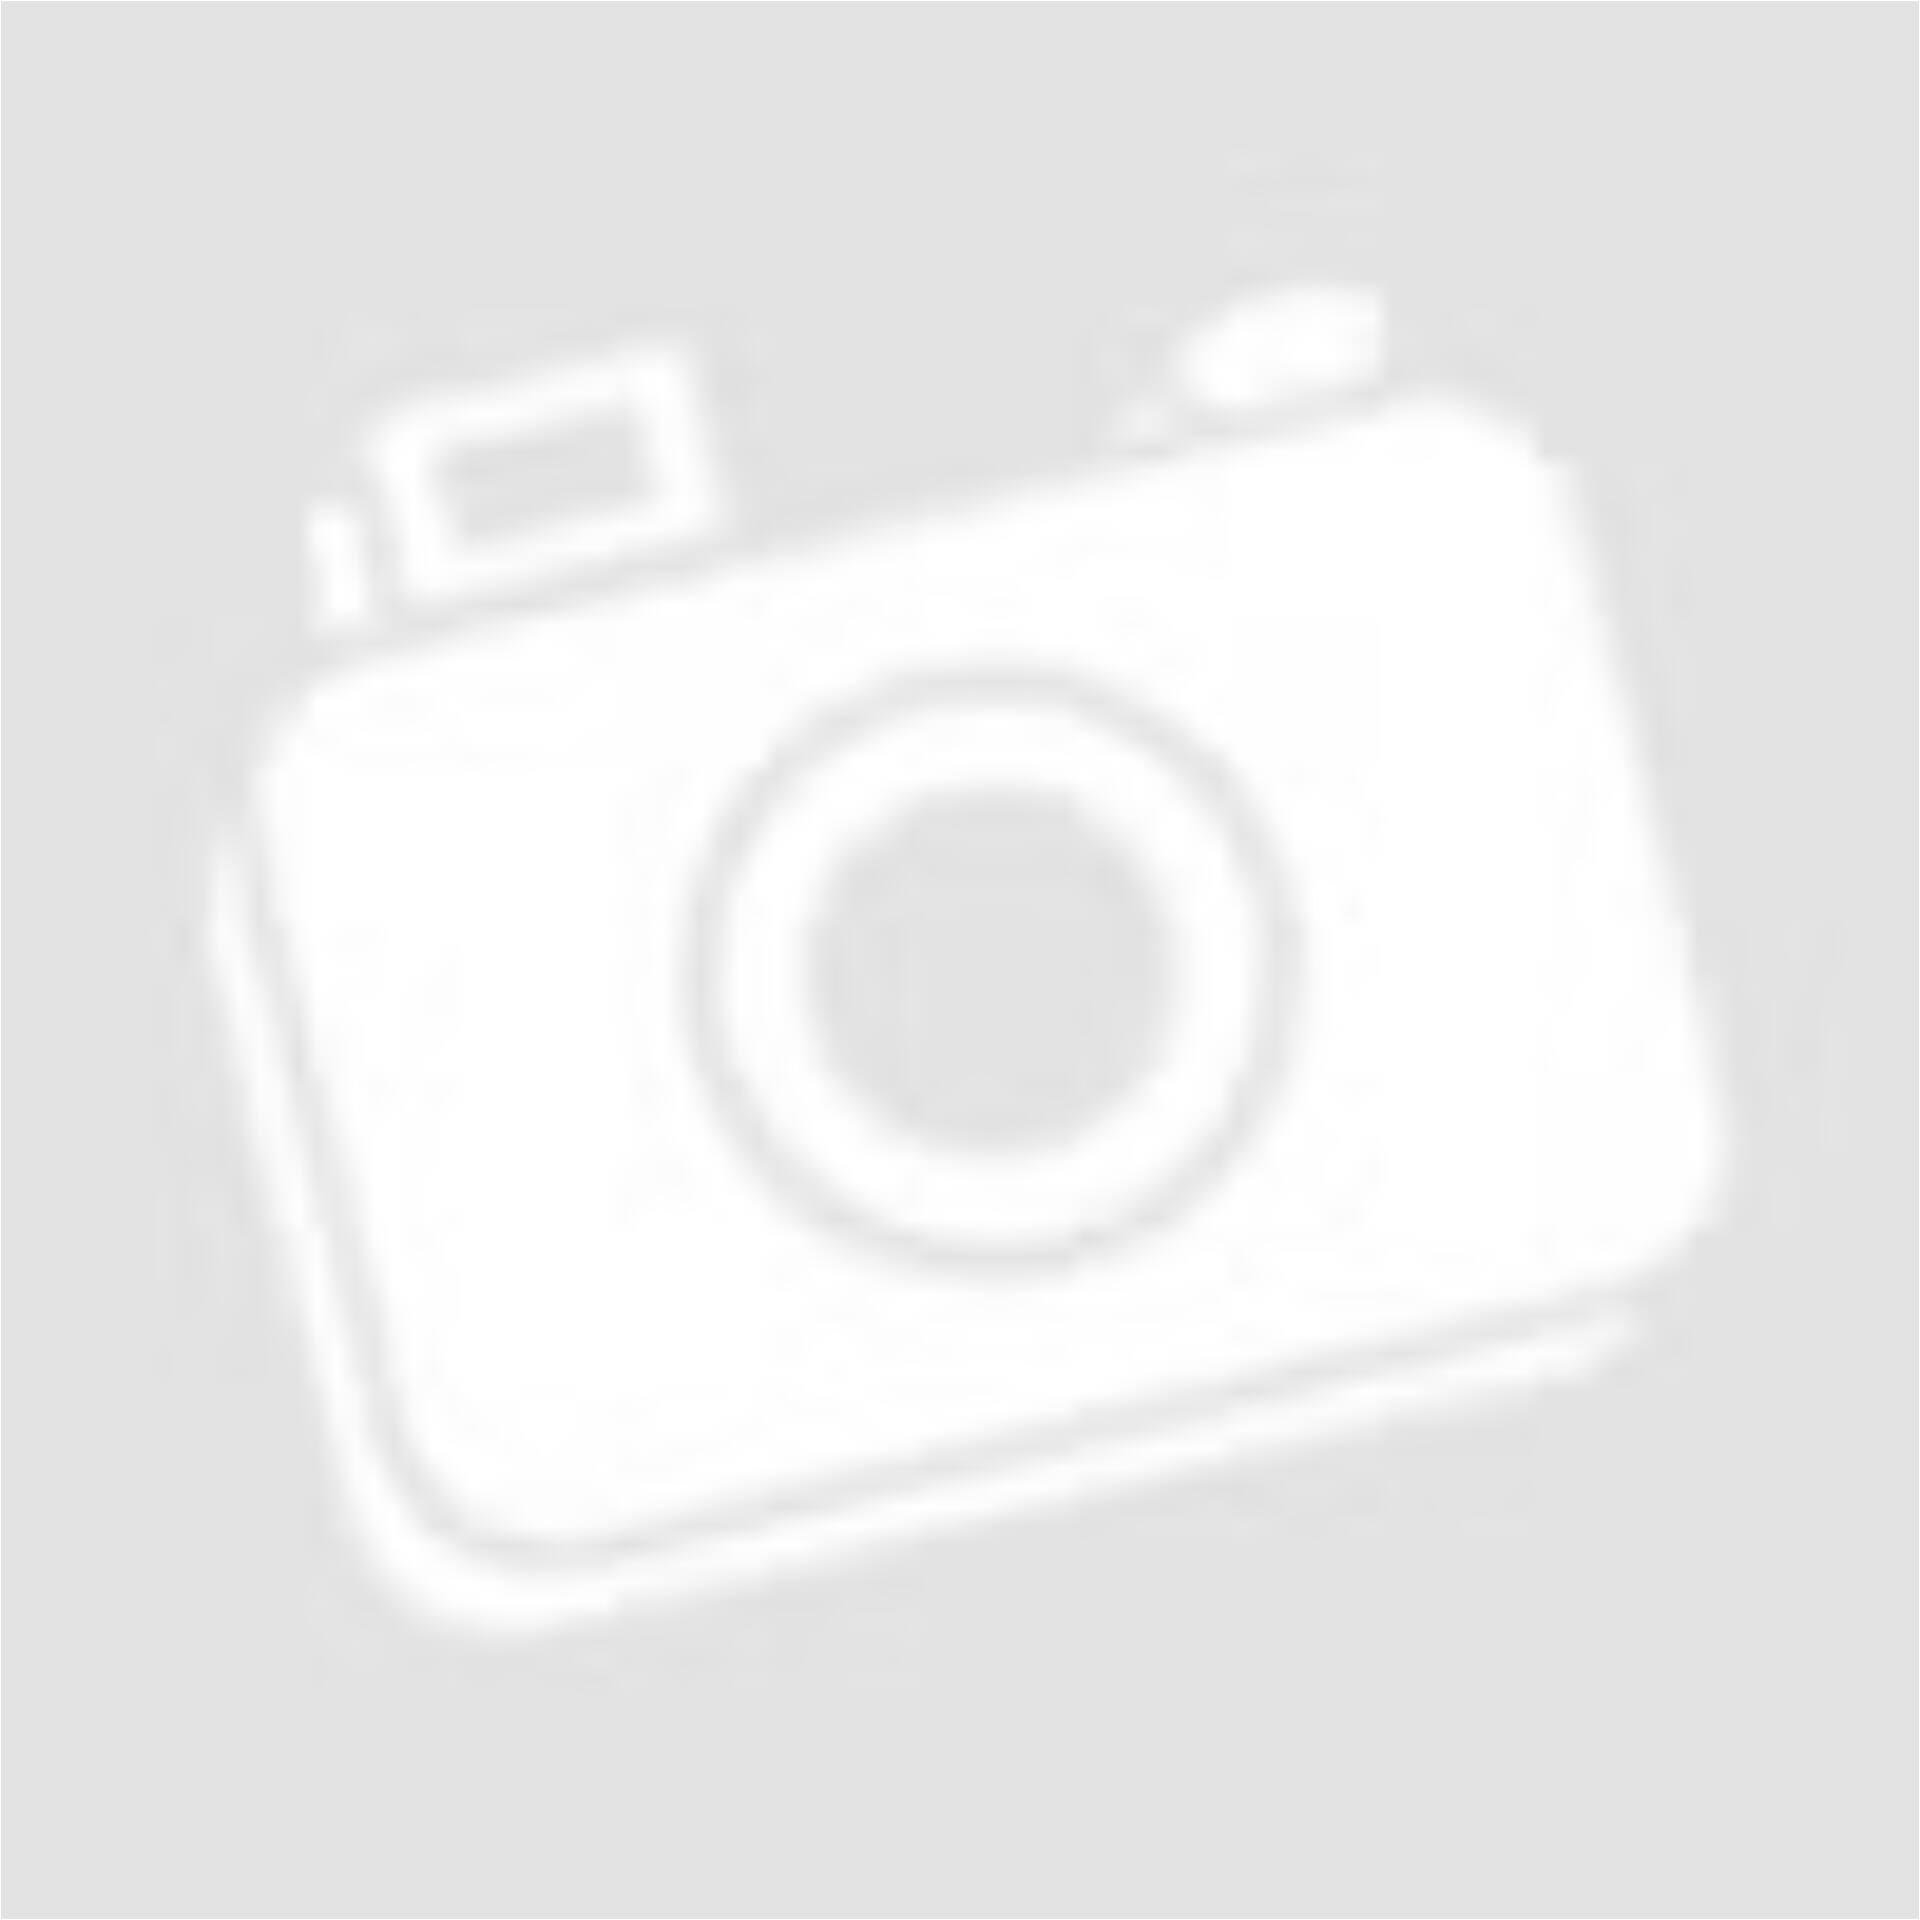 Fekete színű Esprit felső (Méret  S) - Női felső 083e598abc